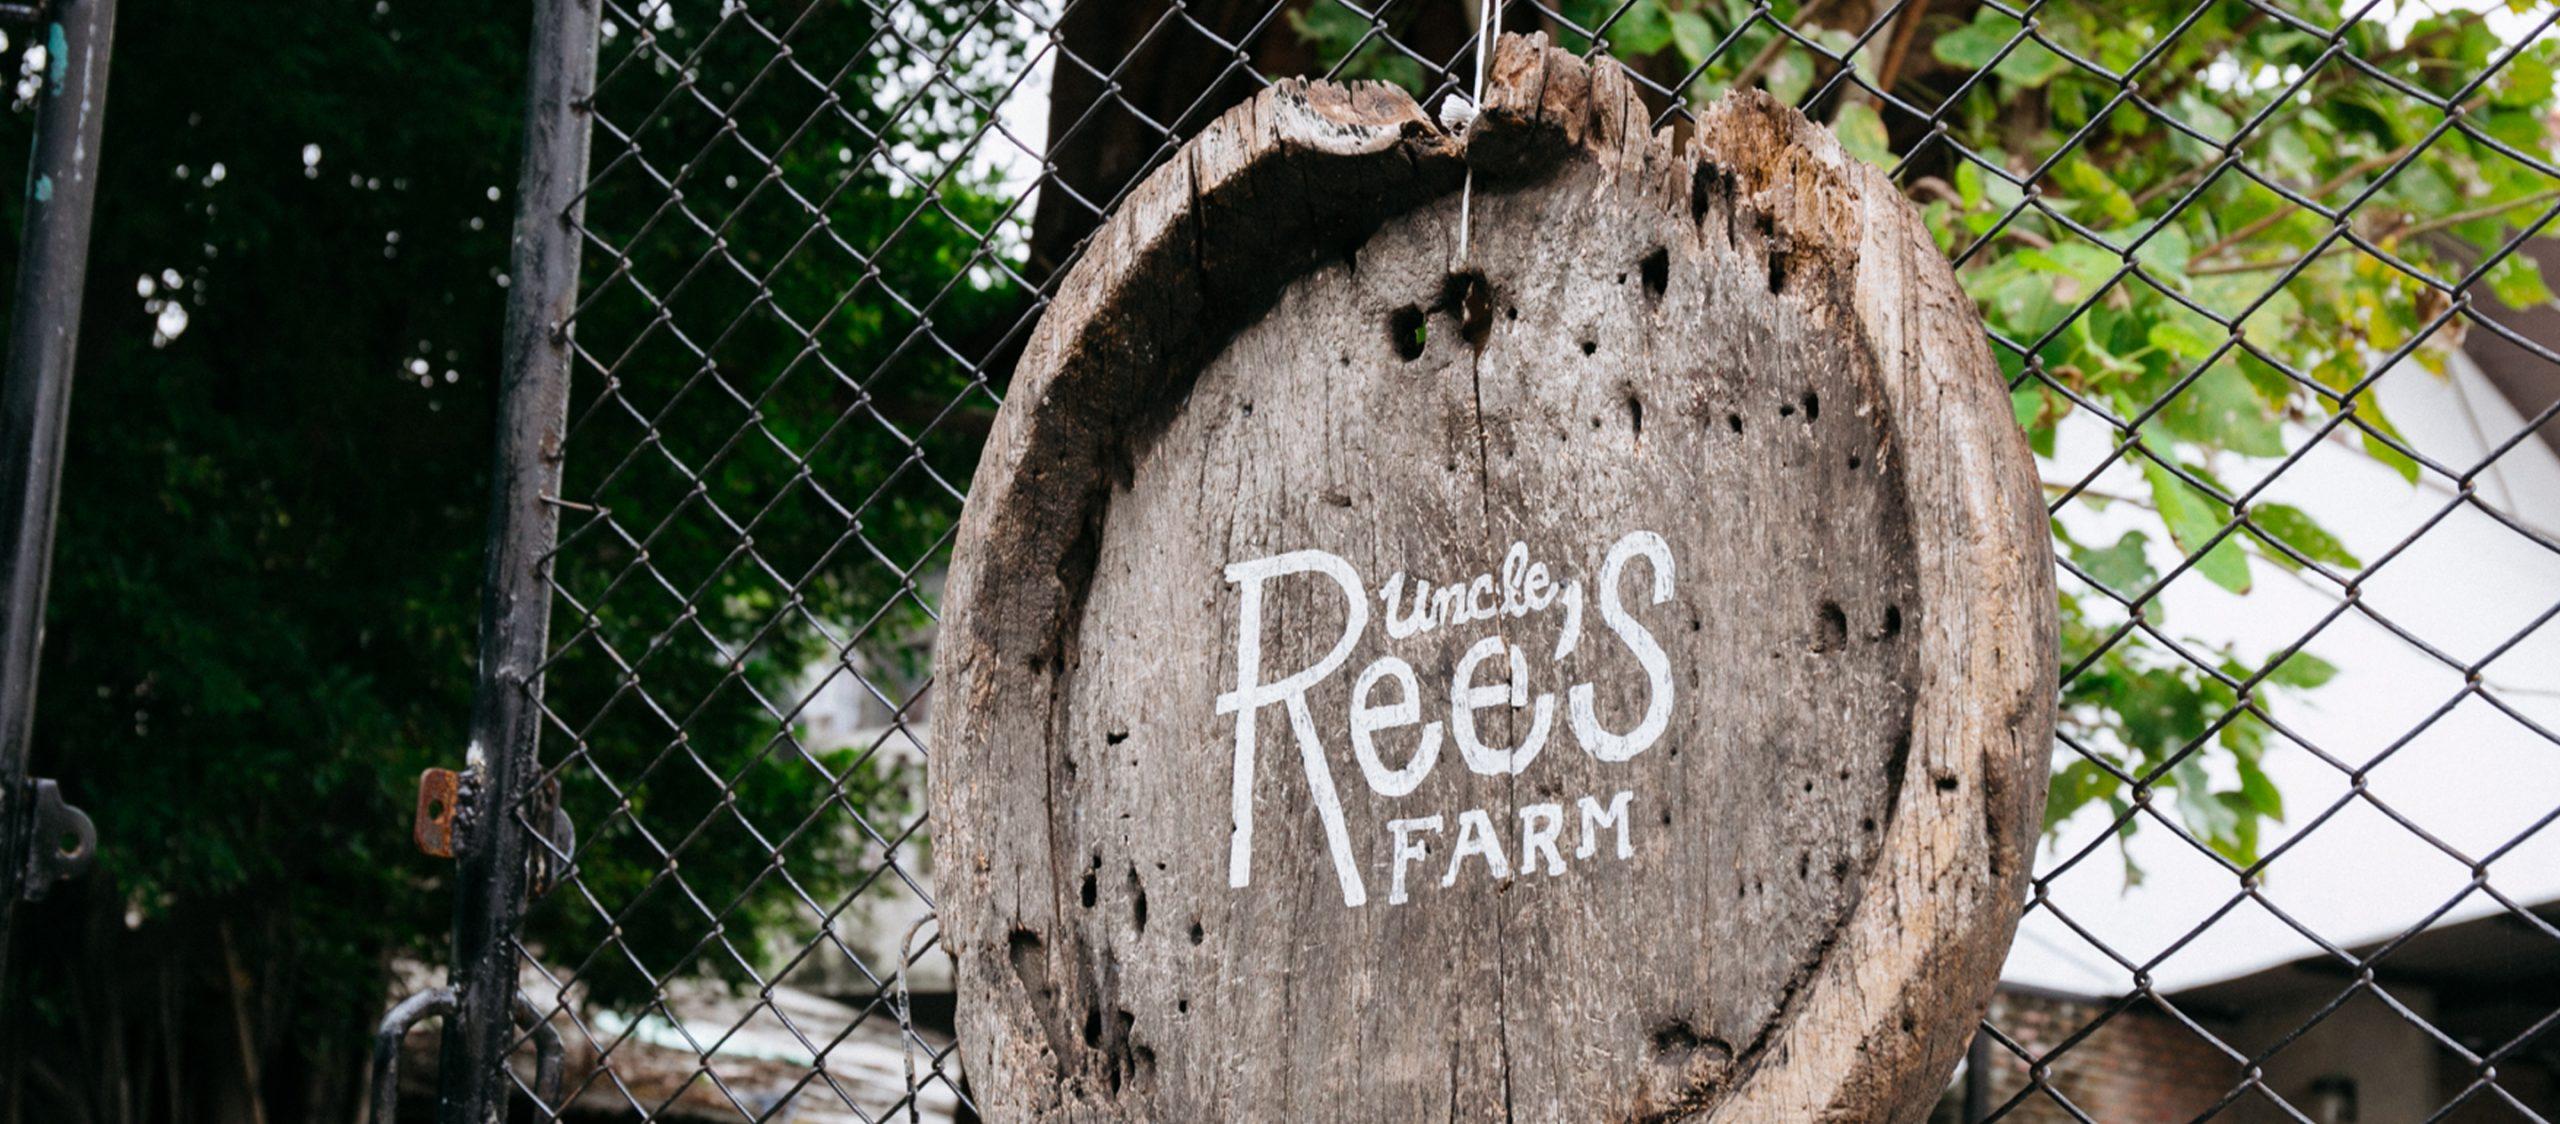 ความมหัศจรรย์อีกครึ่งหนึ่งของโลกอยู่ใต้ดิน 'ฟาร์มลุงรีย์' เกษตรกรผู้สร้างดินเพื่อการเพาะปลูก